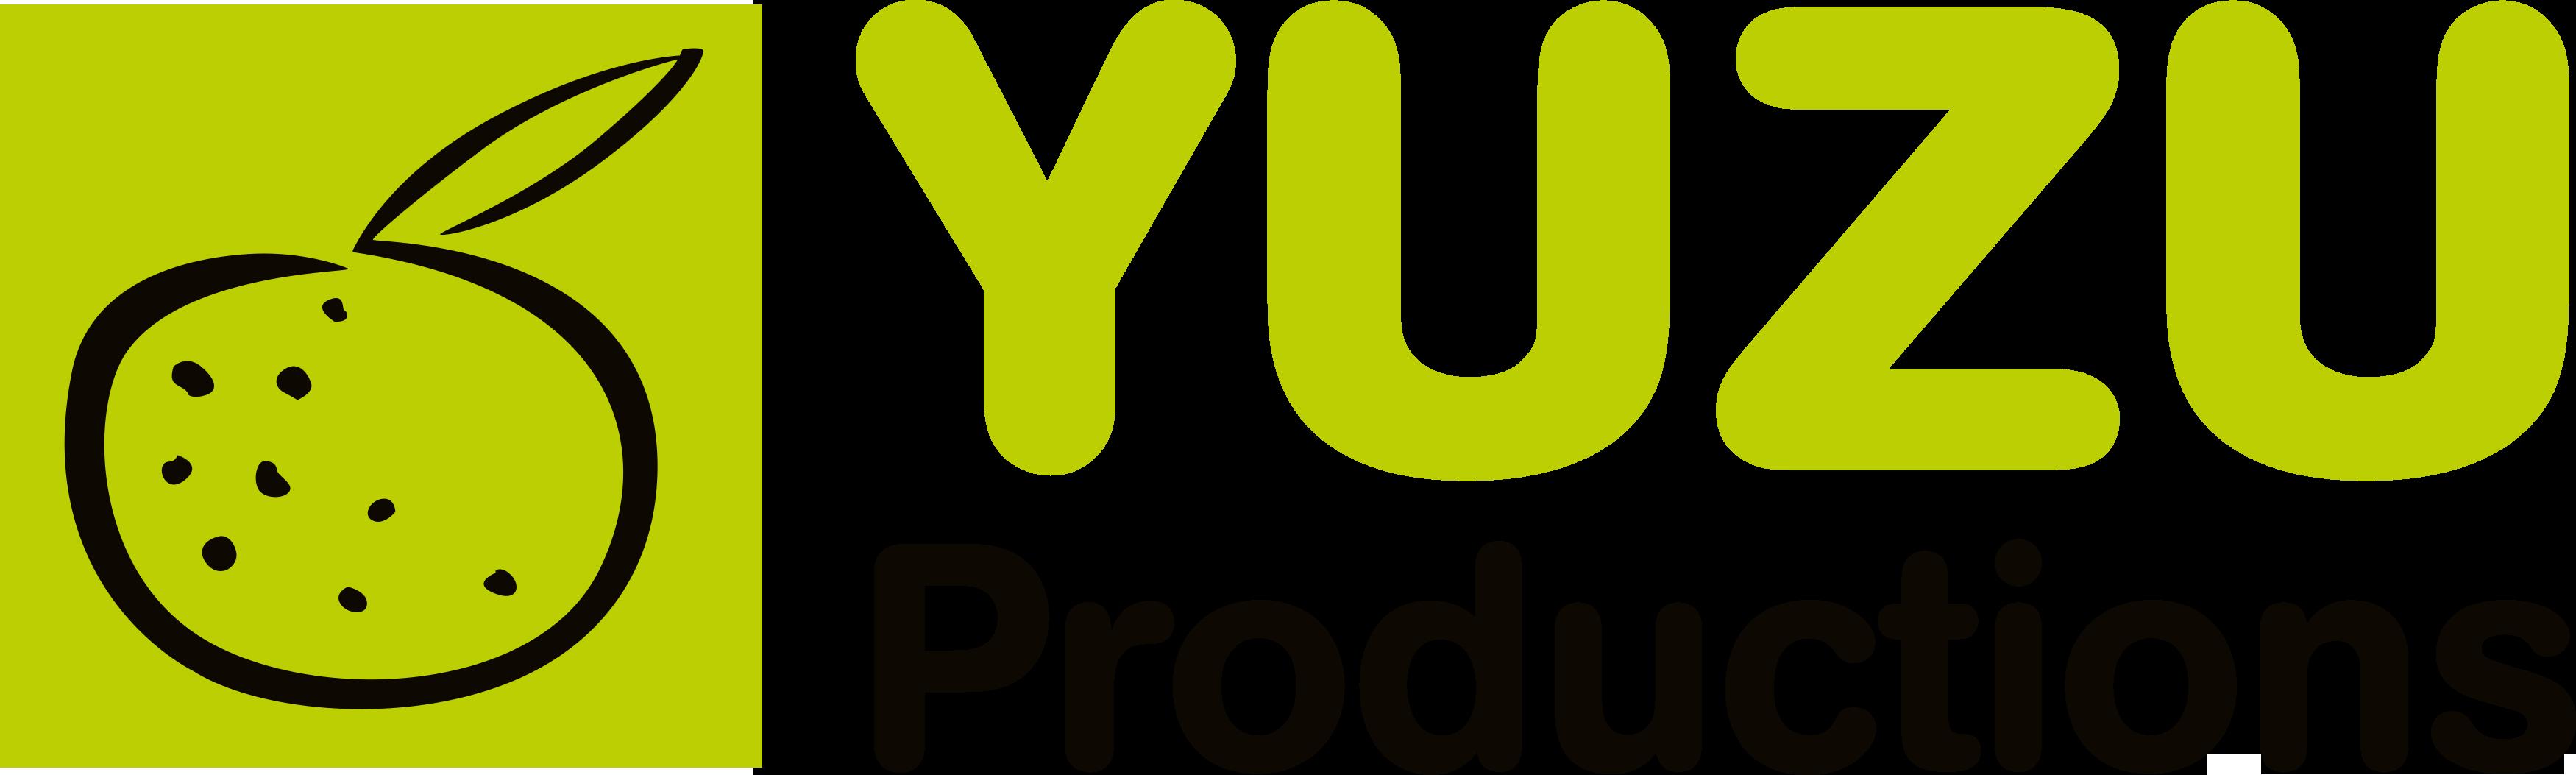 logo yusu productions